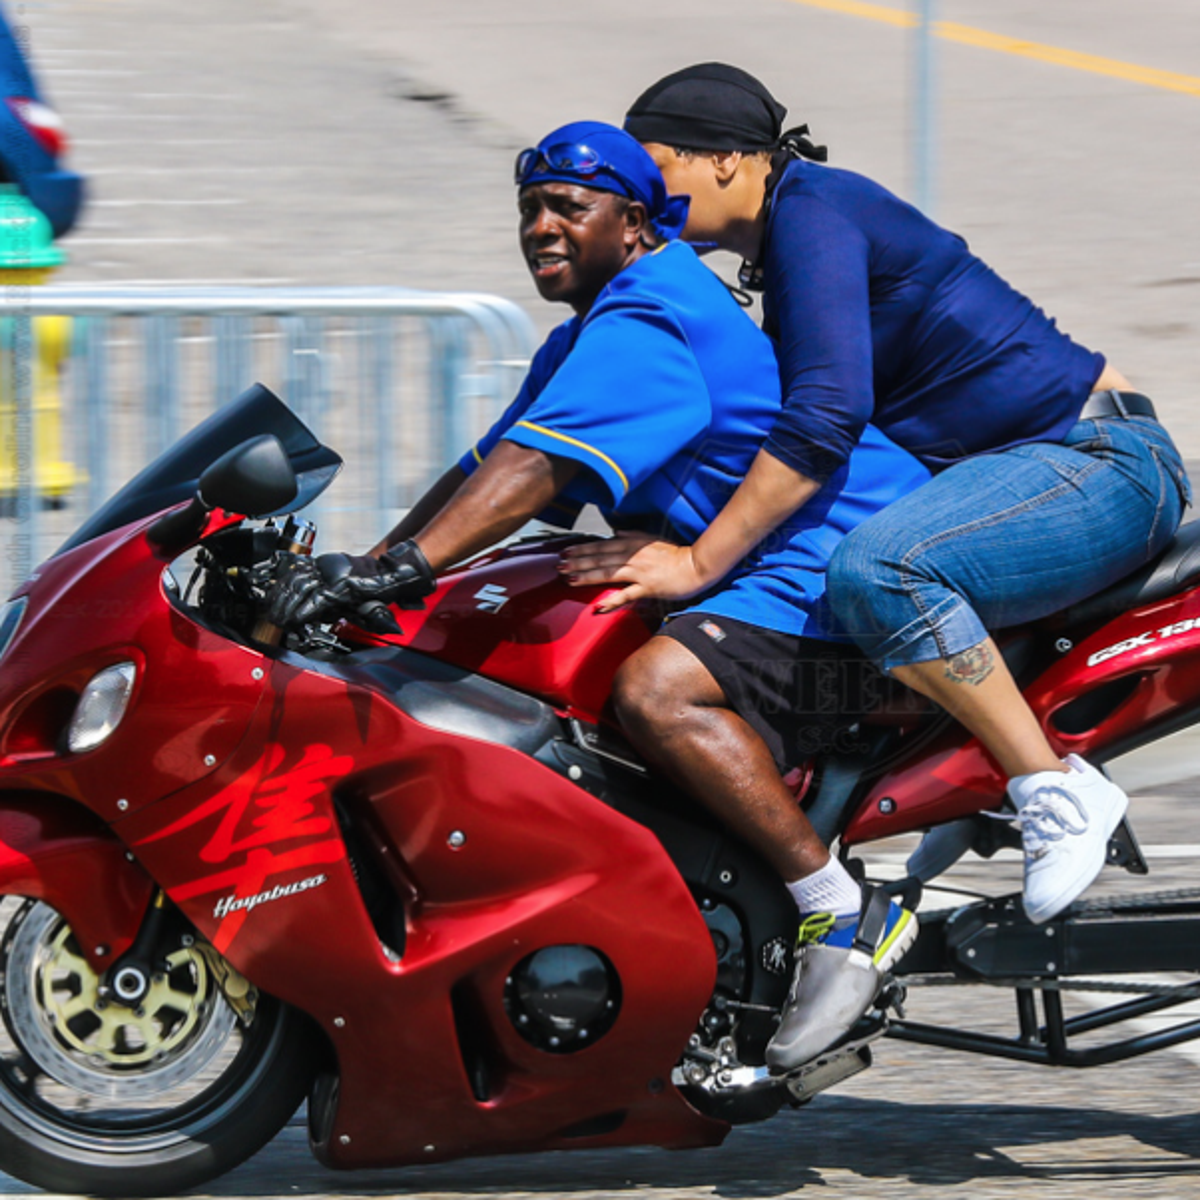 Naacp Sues Over Black Bike Week Rules